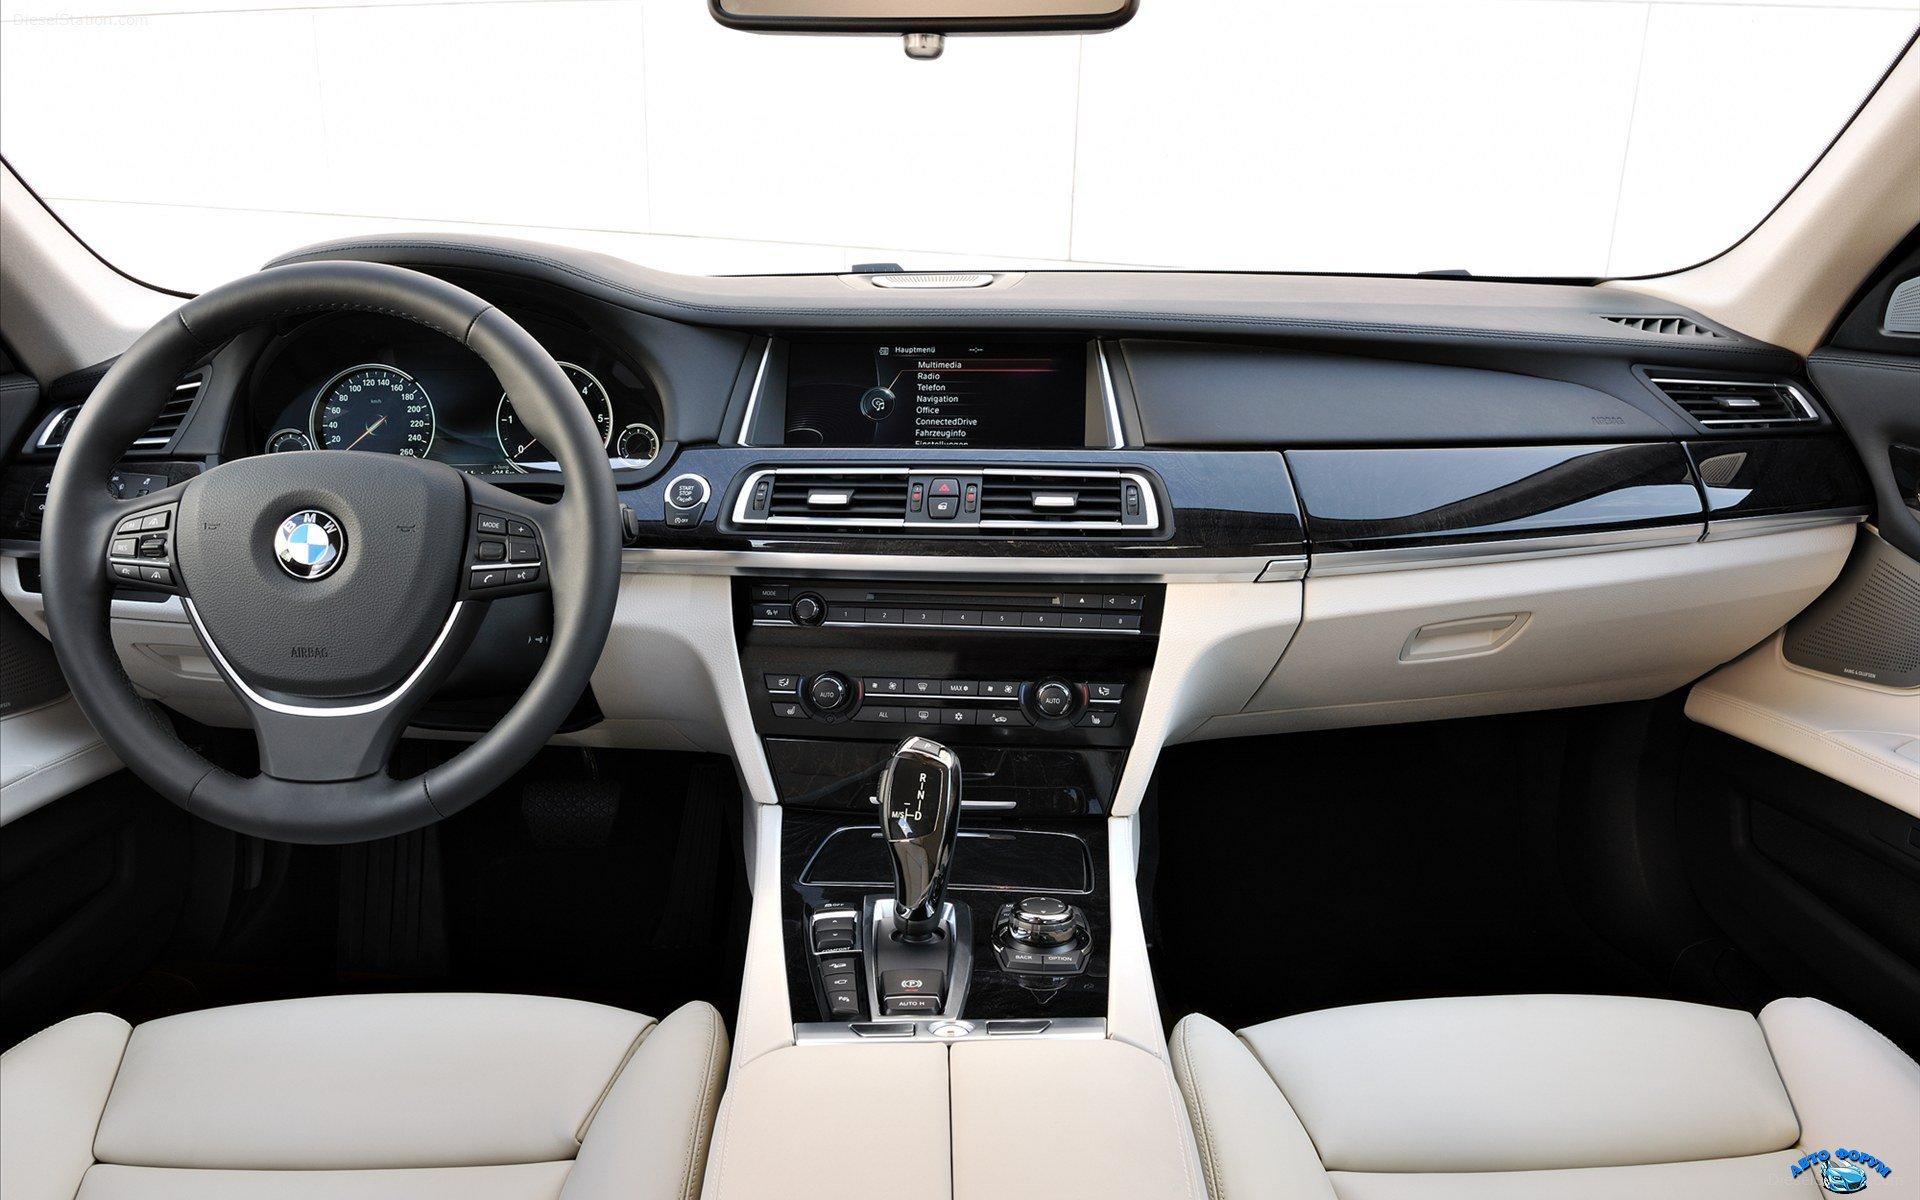 BMW-7-Series-2013-widescreen-08.jpg